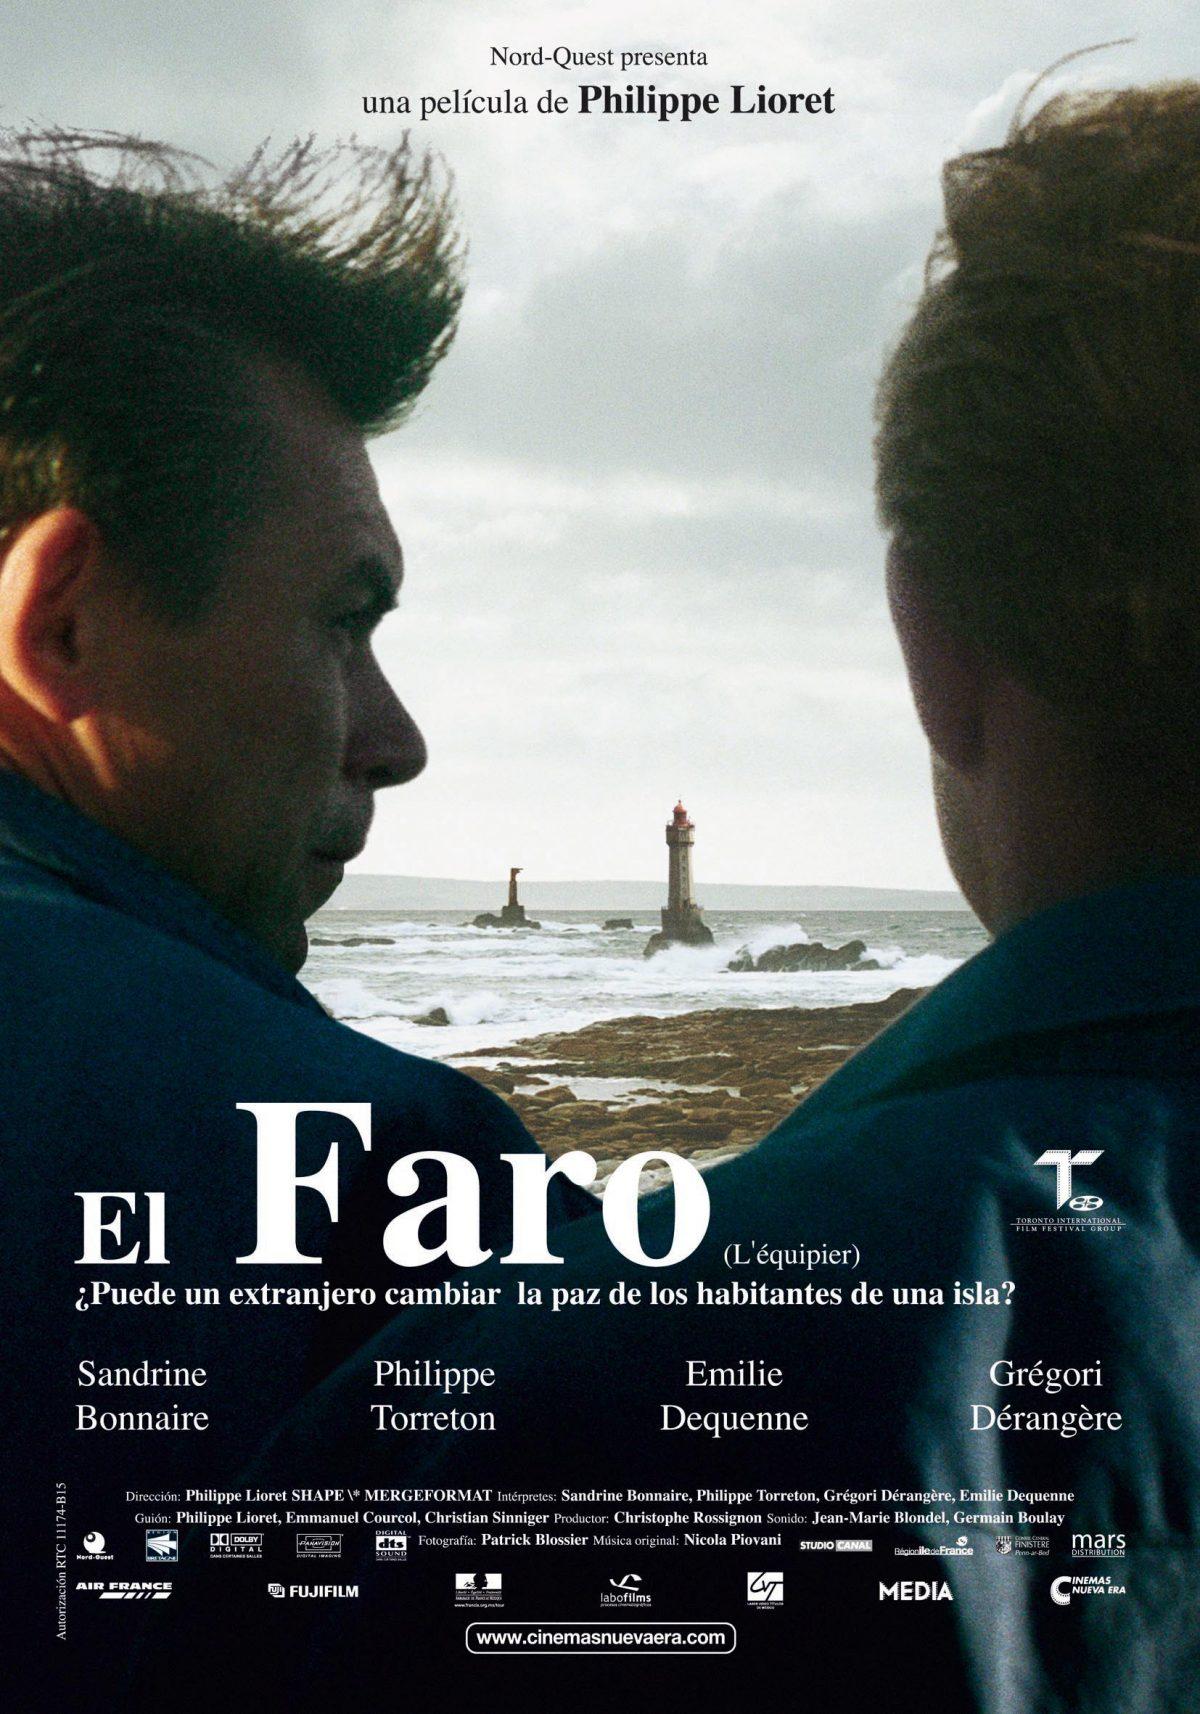 Los faros y el cine (5ª parte)